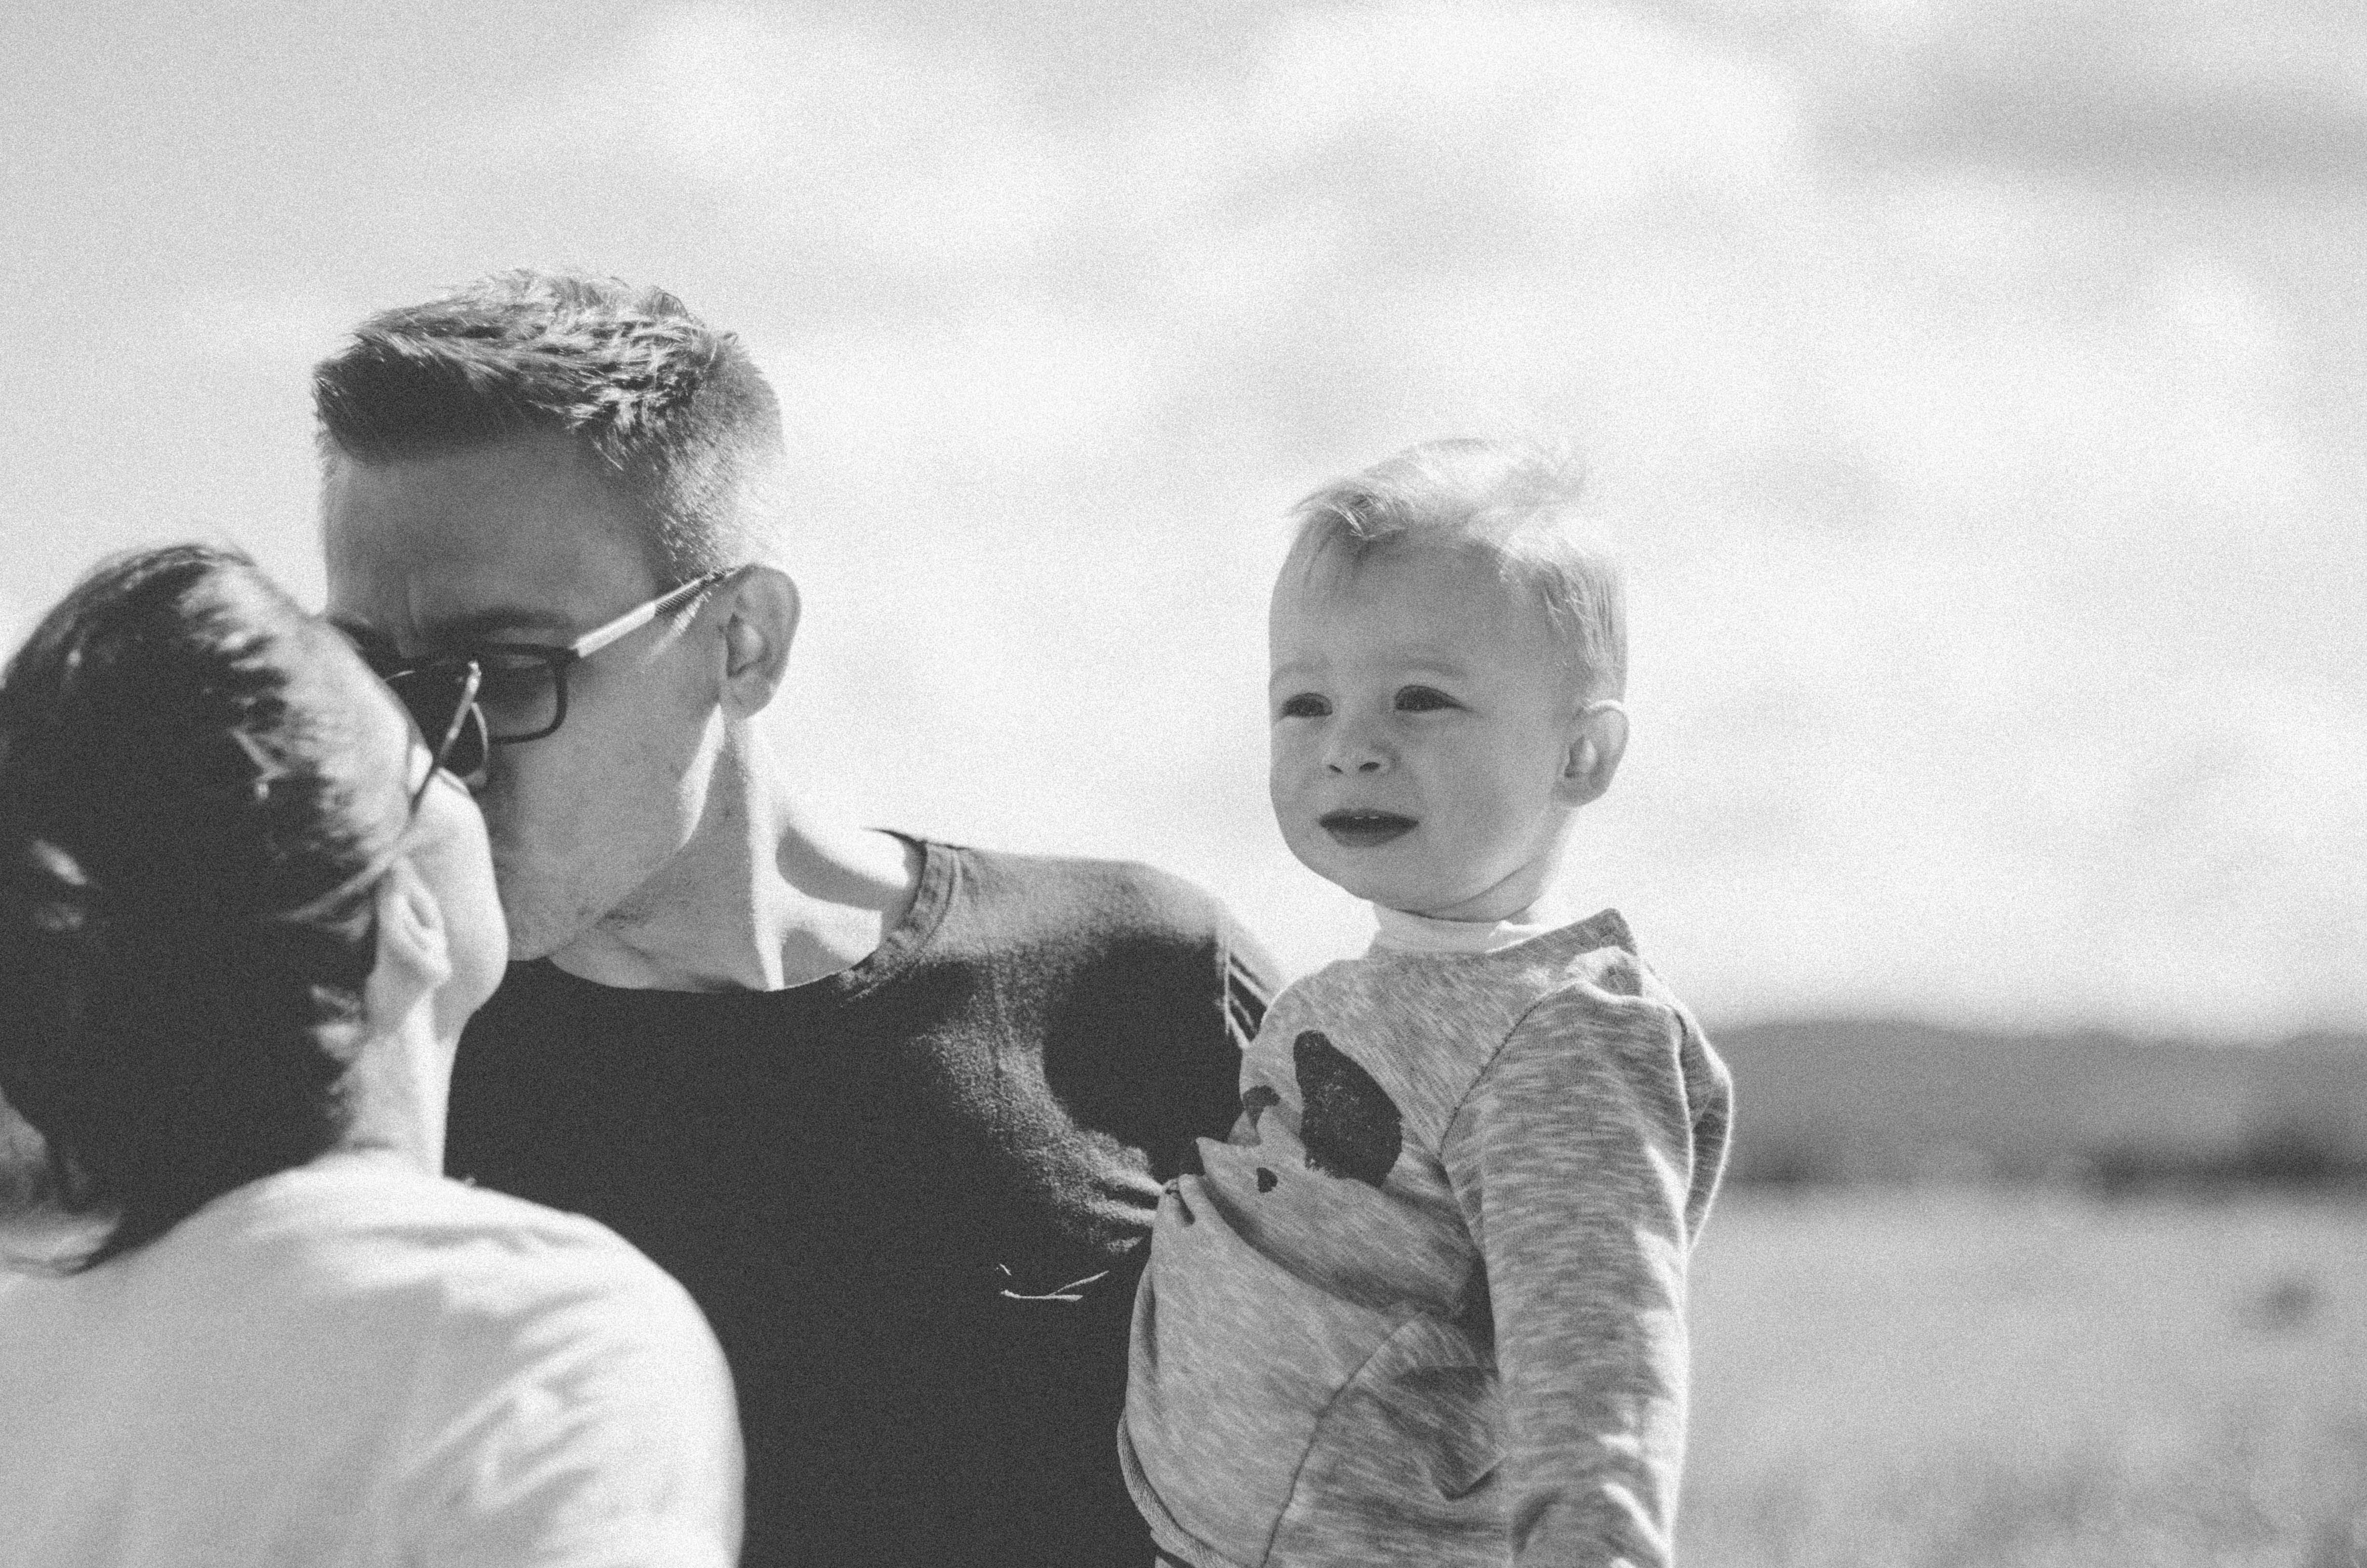 Dokumentarische-Familienfotografie-im-freien